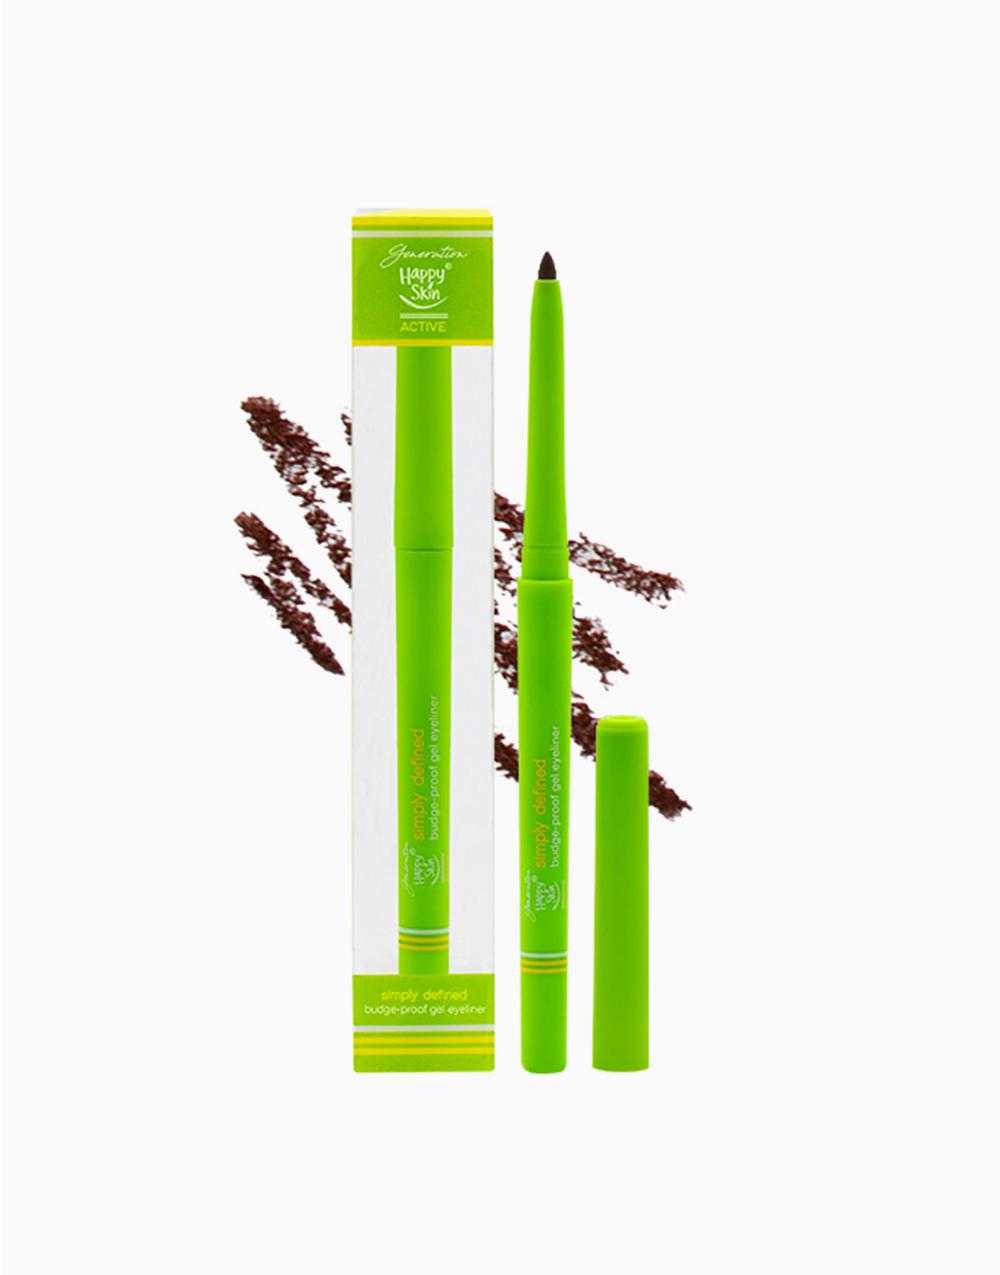 Simply Defined Budge-proof Gel Liner Pen by Happy Skin | Dark Brown